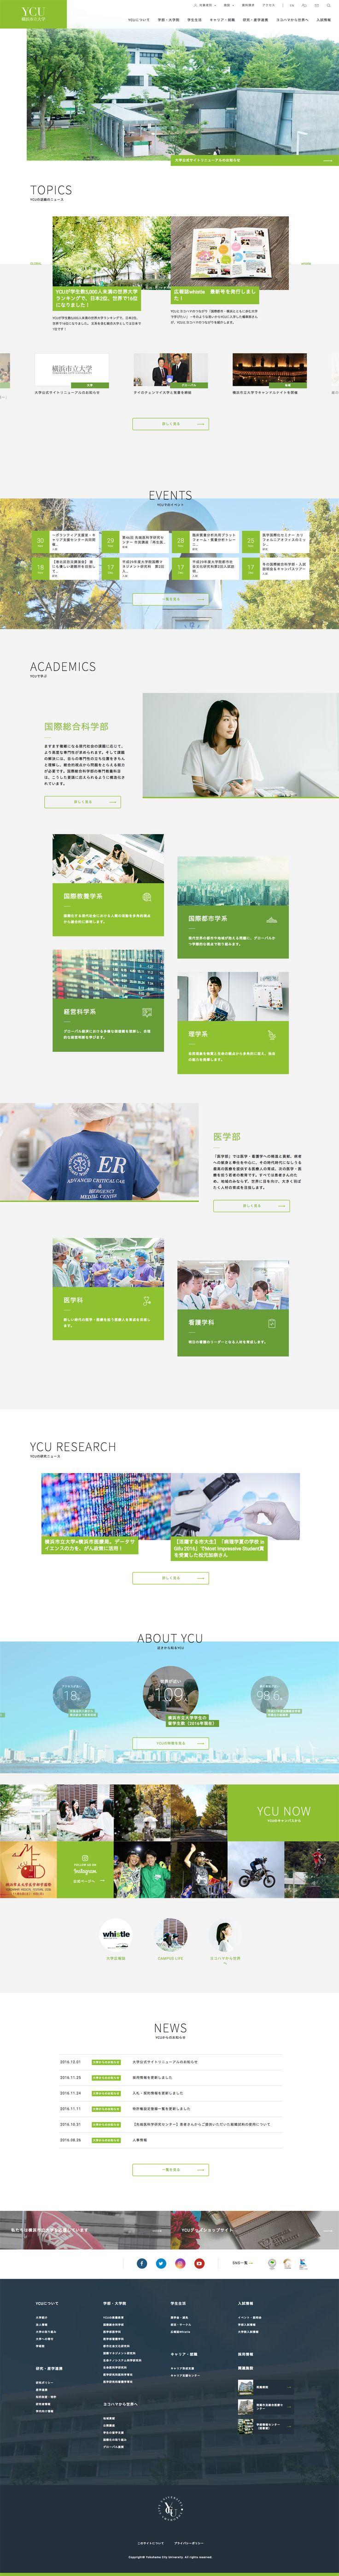 横浜市立大学 #design #layout #webdesign #branding #uidesign #websites #minimal #flat #green #ウェブデザイン #ウェブサイトデザイン #ブランディング #UIデザイン